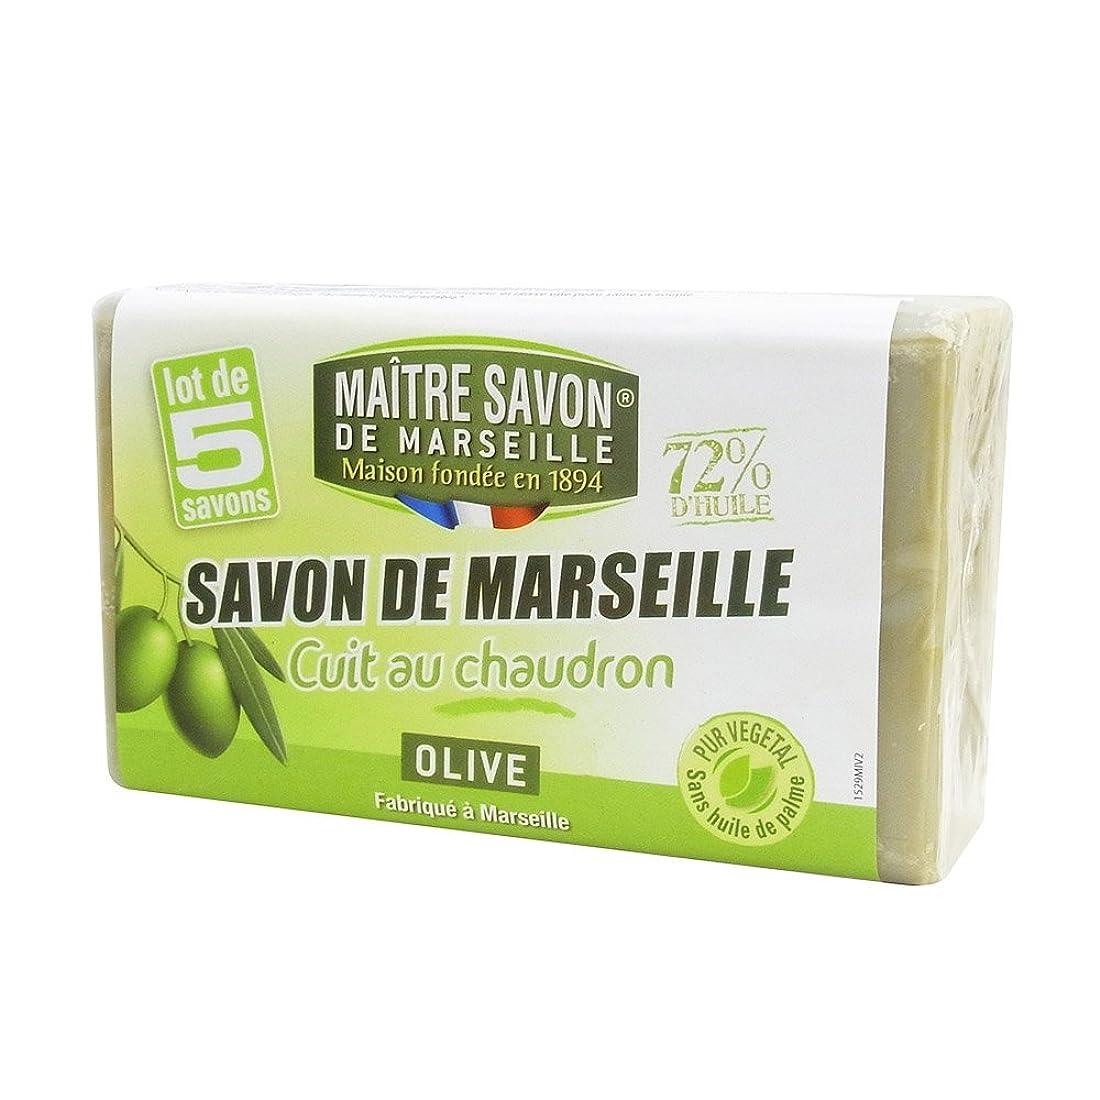 オリエンタル理論自分の力ですべてをするMaitre Savon de Marseille(メートル?サボン?ド?マルセイユ) サボン?ド?マルセイユ オリーブ 100g×5個